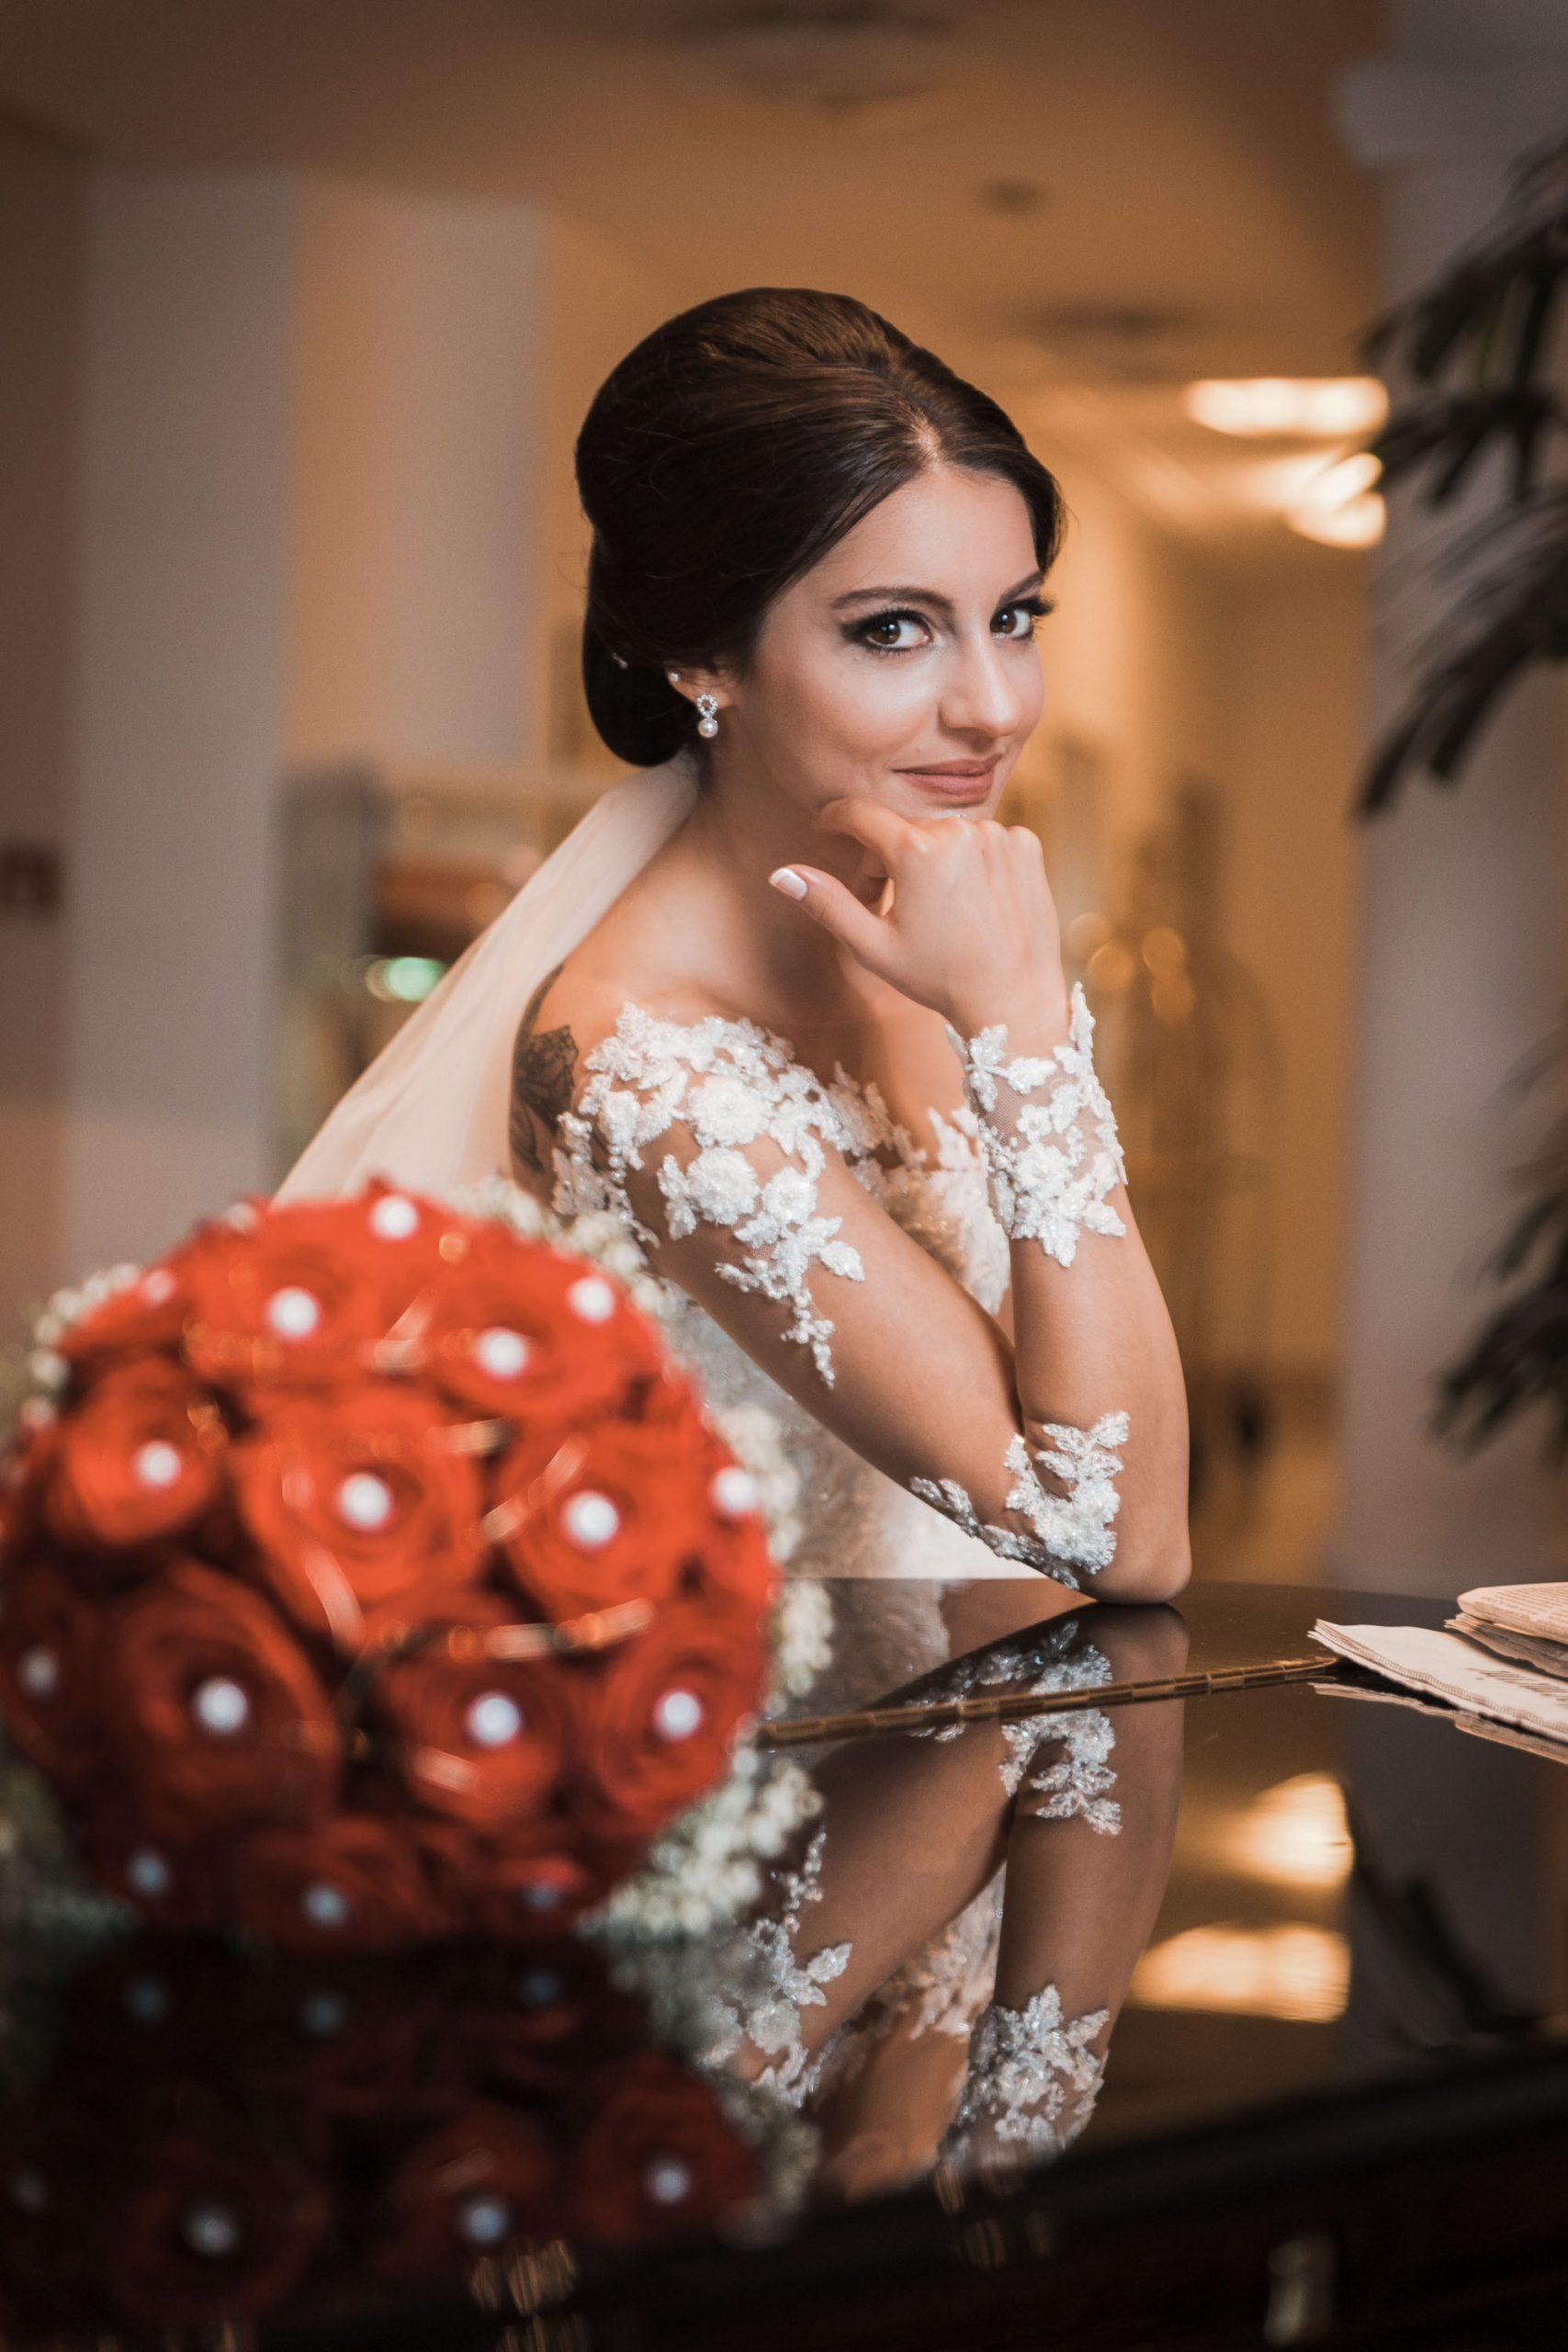 Hochzeitsfoto einer türkischen Braut Mit rotem Rosestrauß Bouquet im Vordergrund. Braut schaut lächelnd und verlegen in die Kamera. Perfekte Brautfrisur und tolles perfektes Braut Mac ab. Sie posiert über einem Klavier.